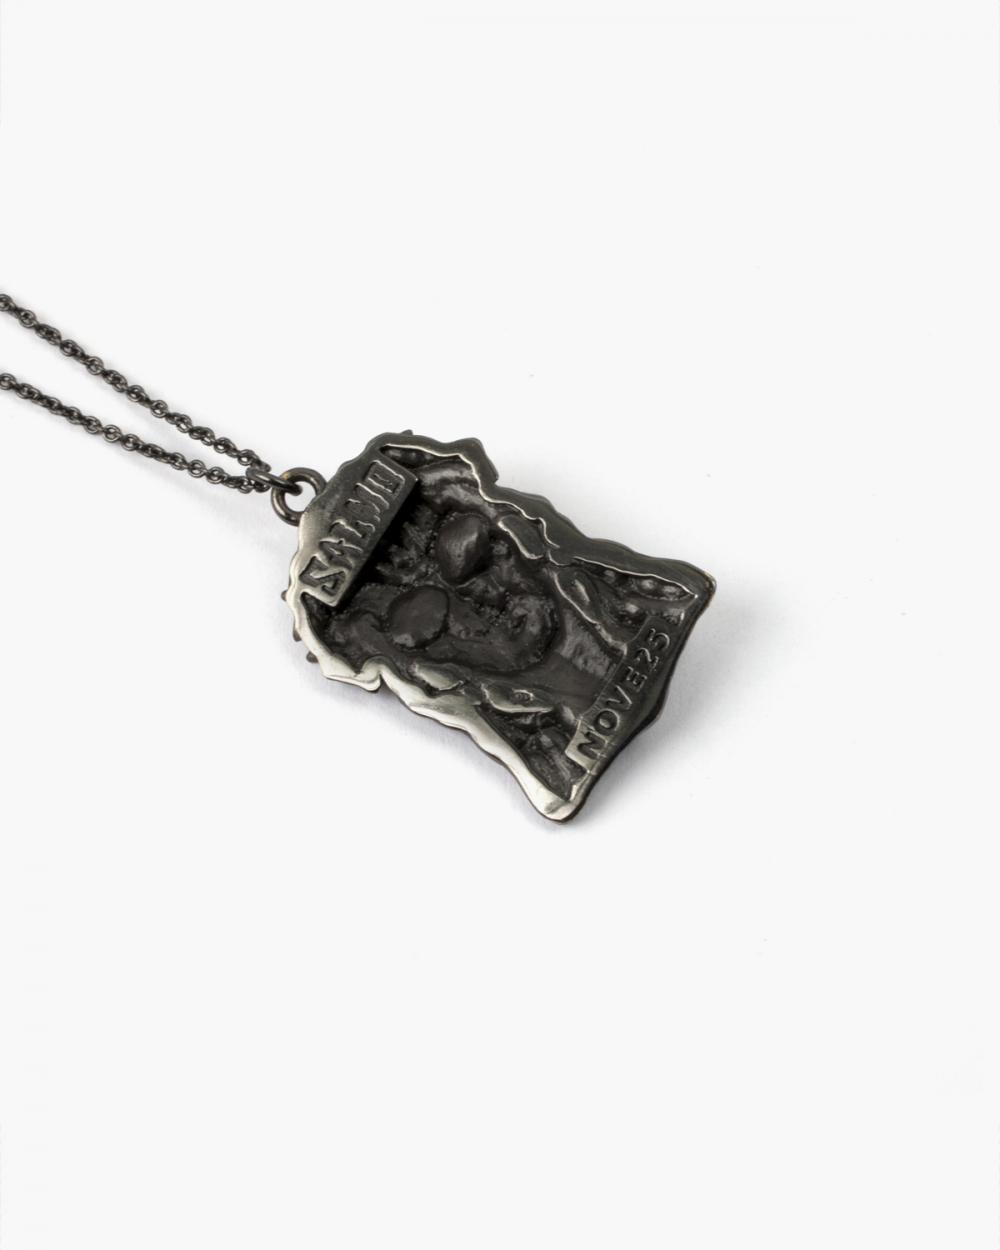 Necklaces PERDONAMI SALMO NECKLACE NOVE25